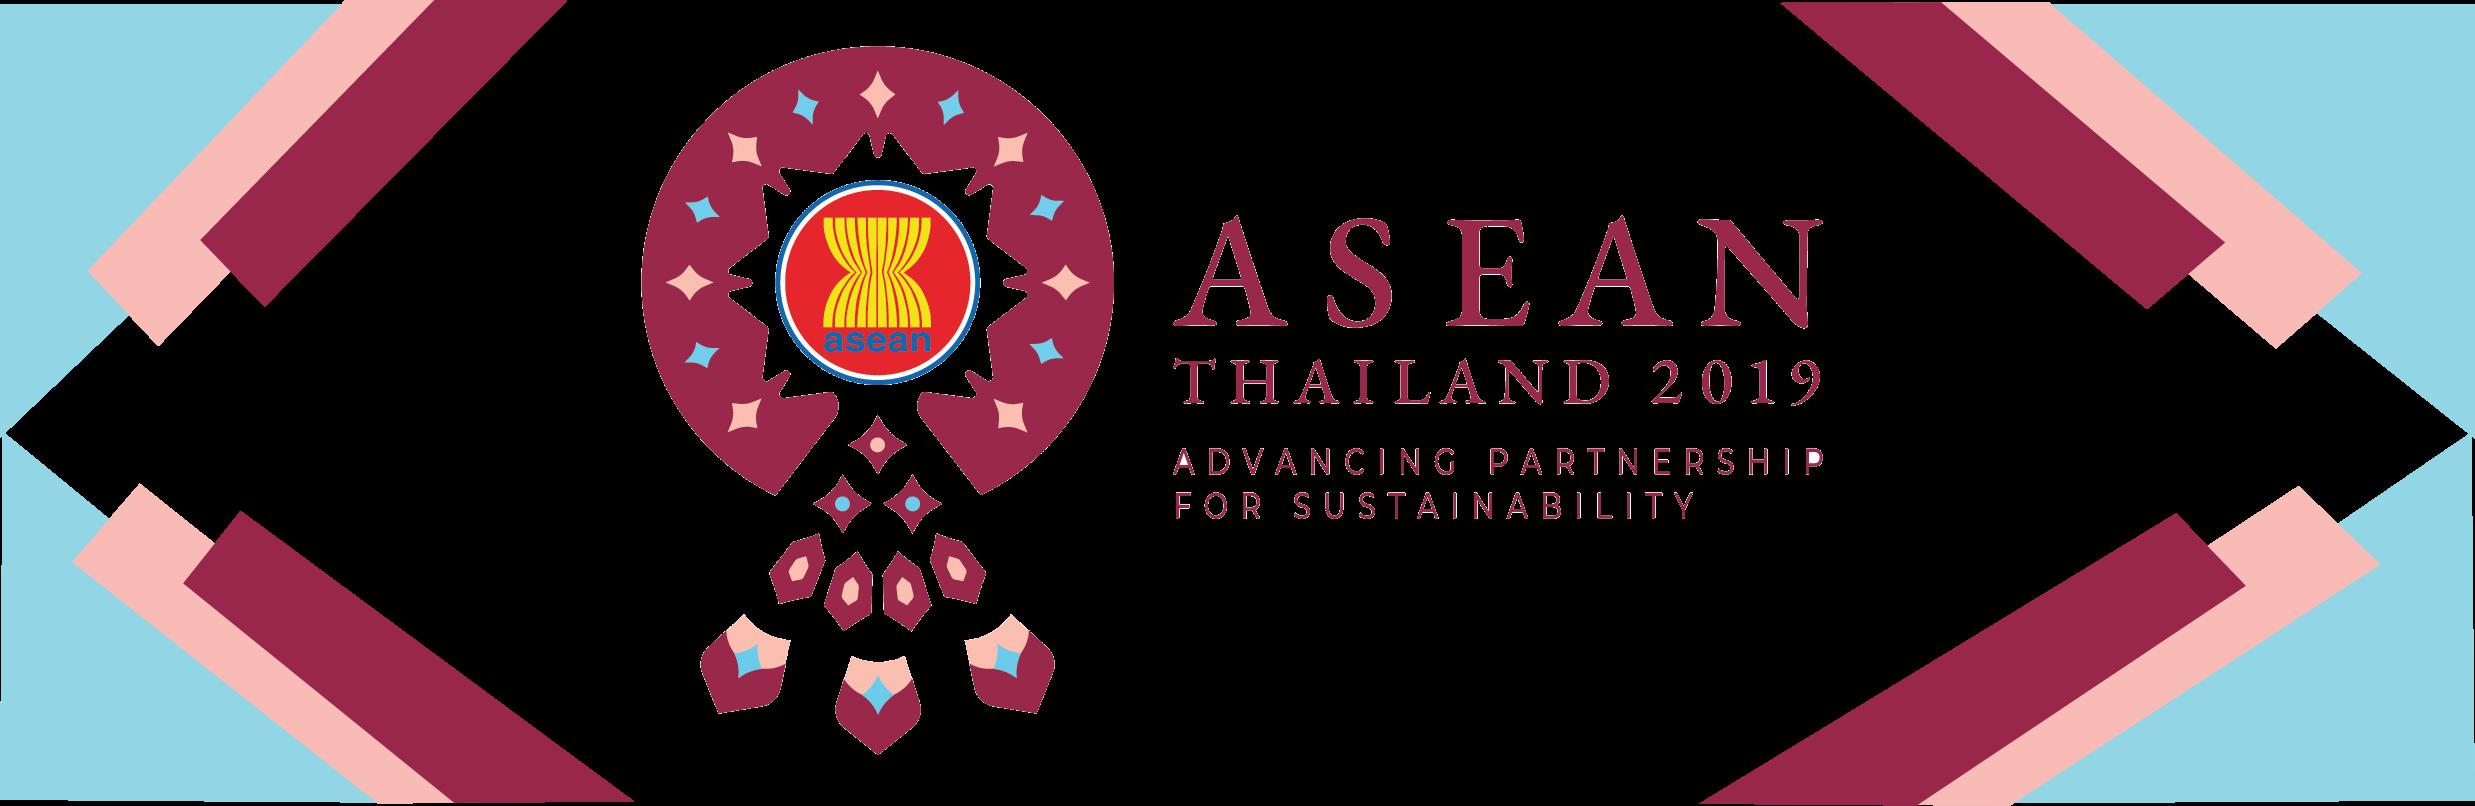 https://www.asean2019.go.th/en/